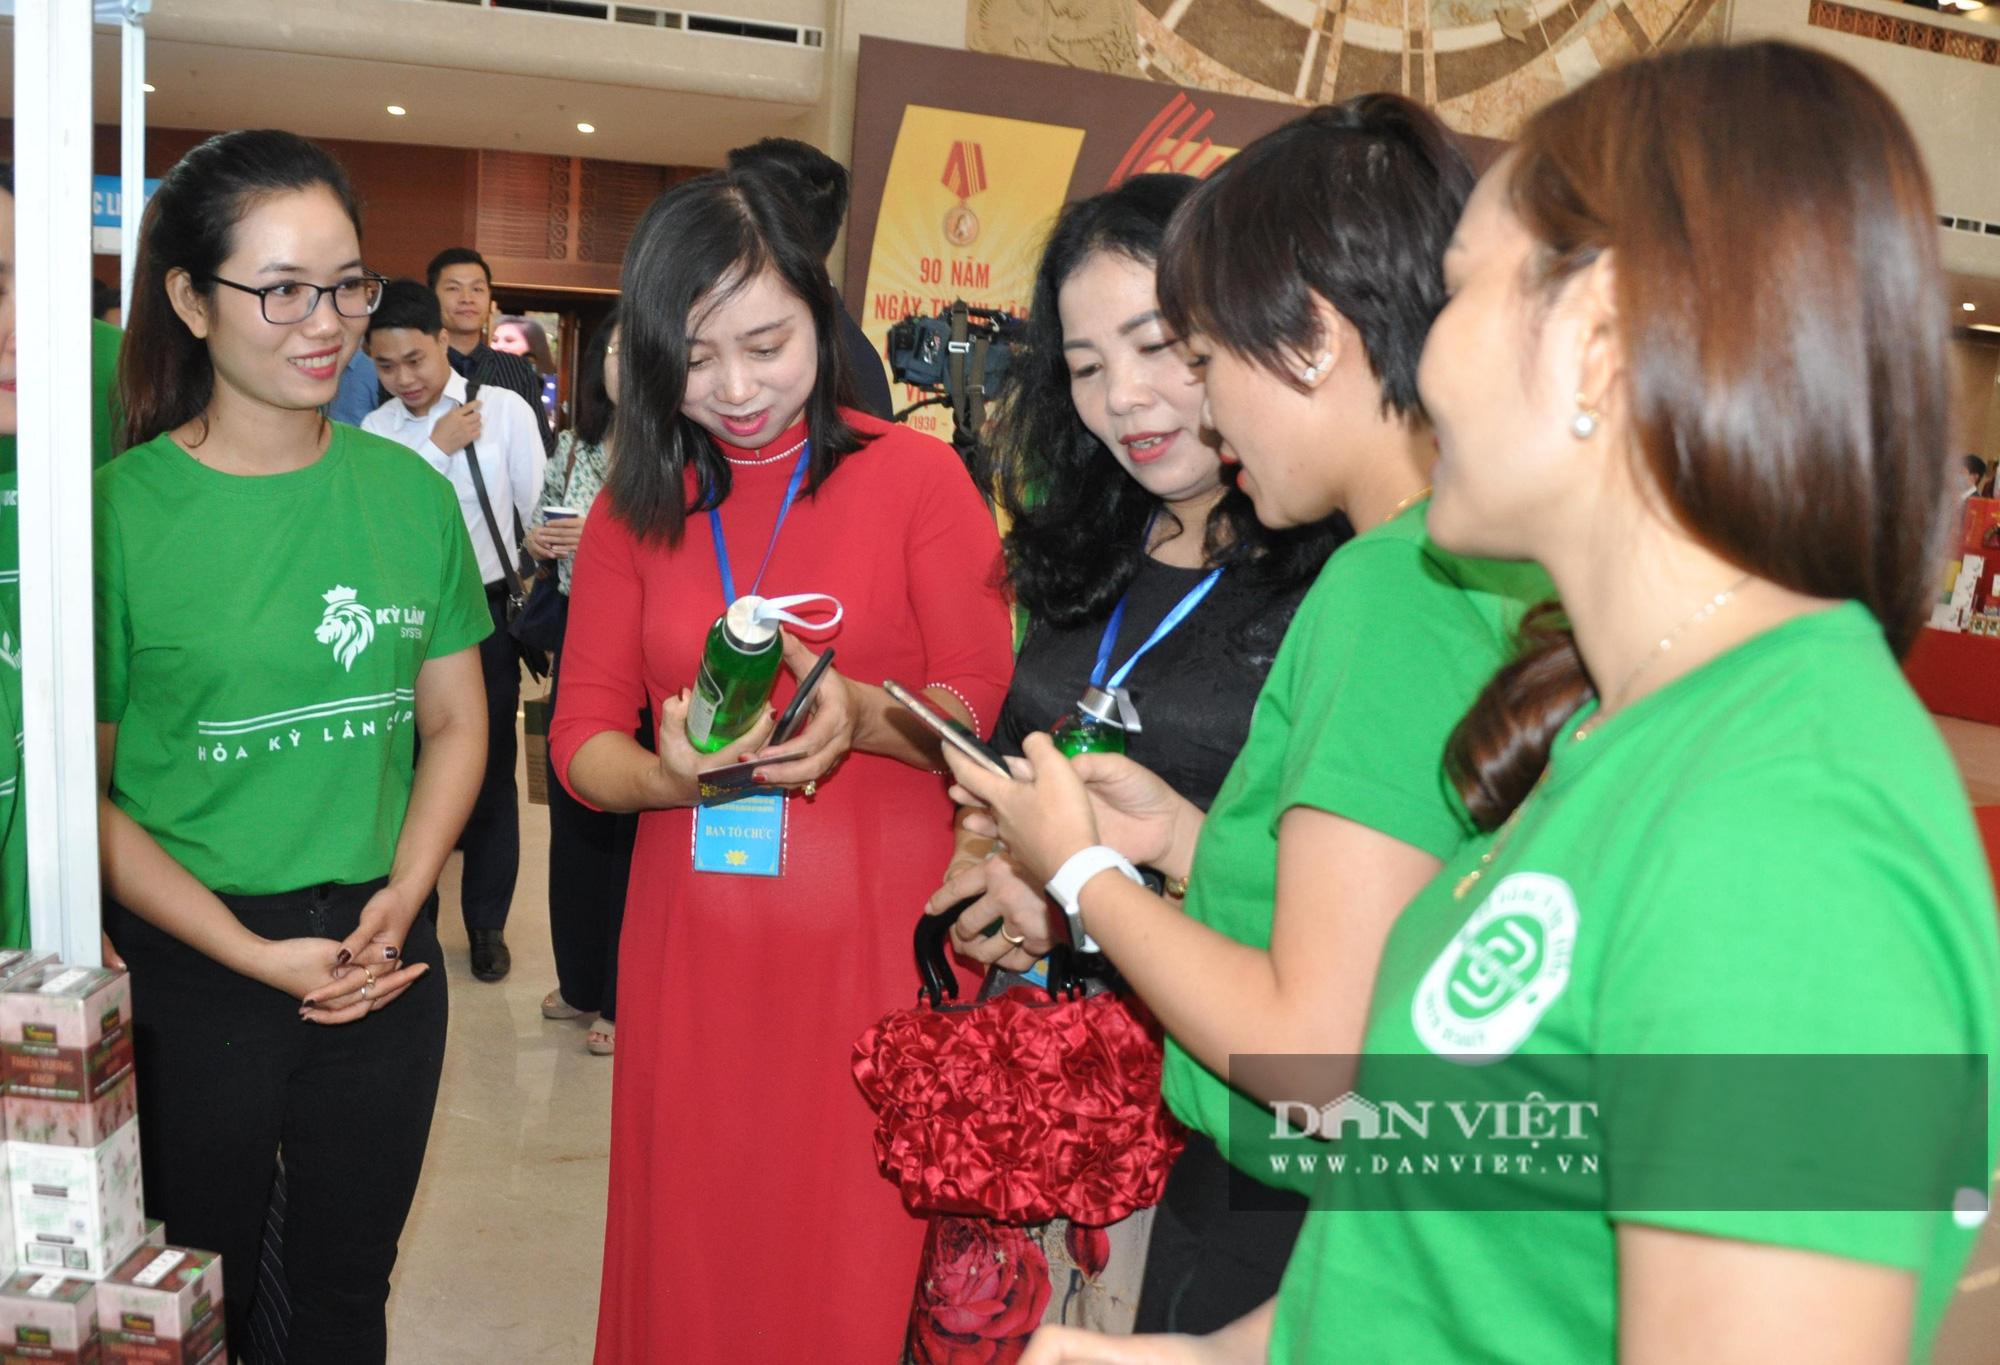 Thủ tướng khen ngợi sản phẩm hữu cơ độc đáo tại Lễ kỷ niệm 90 năm ngày thành lập Hội Nông dân Việt Nam - Ảnh 10.